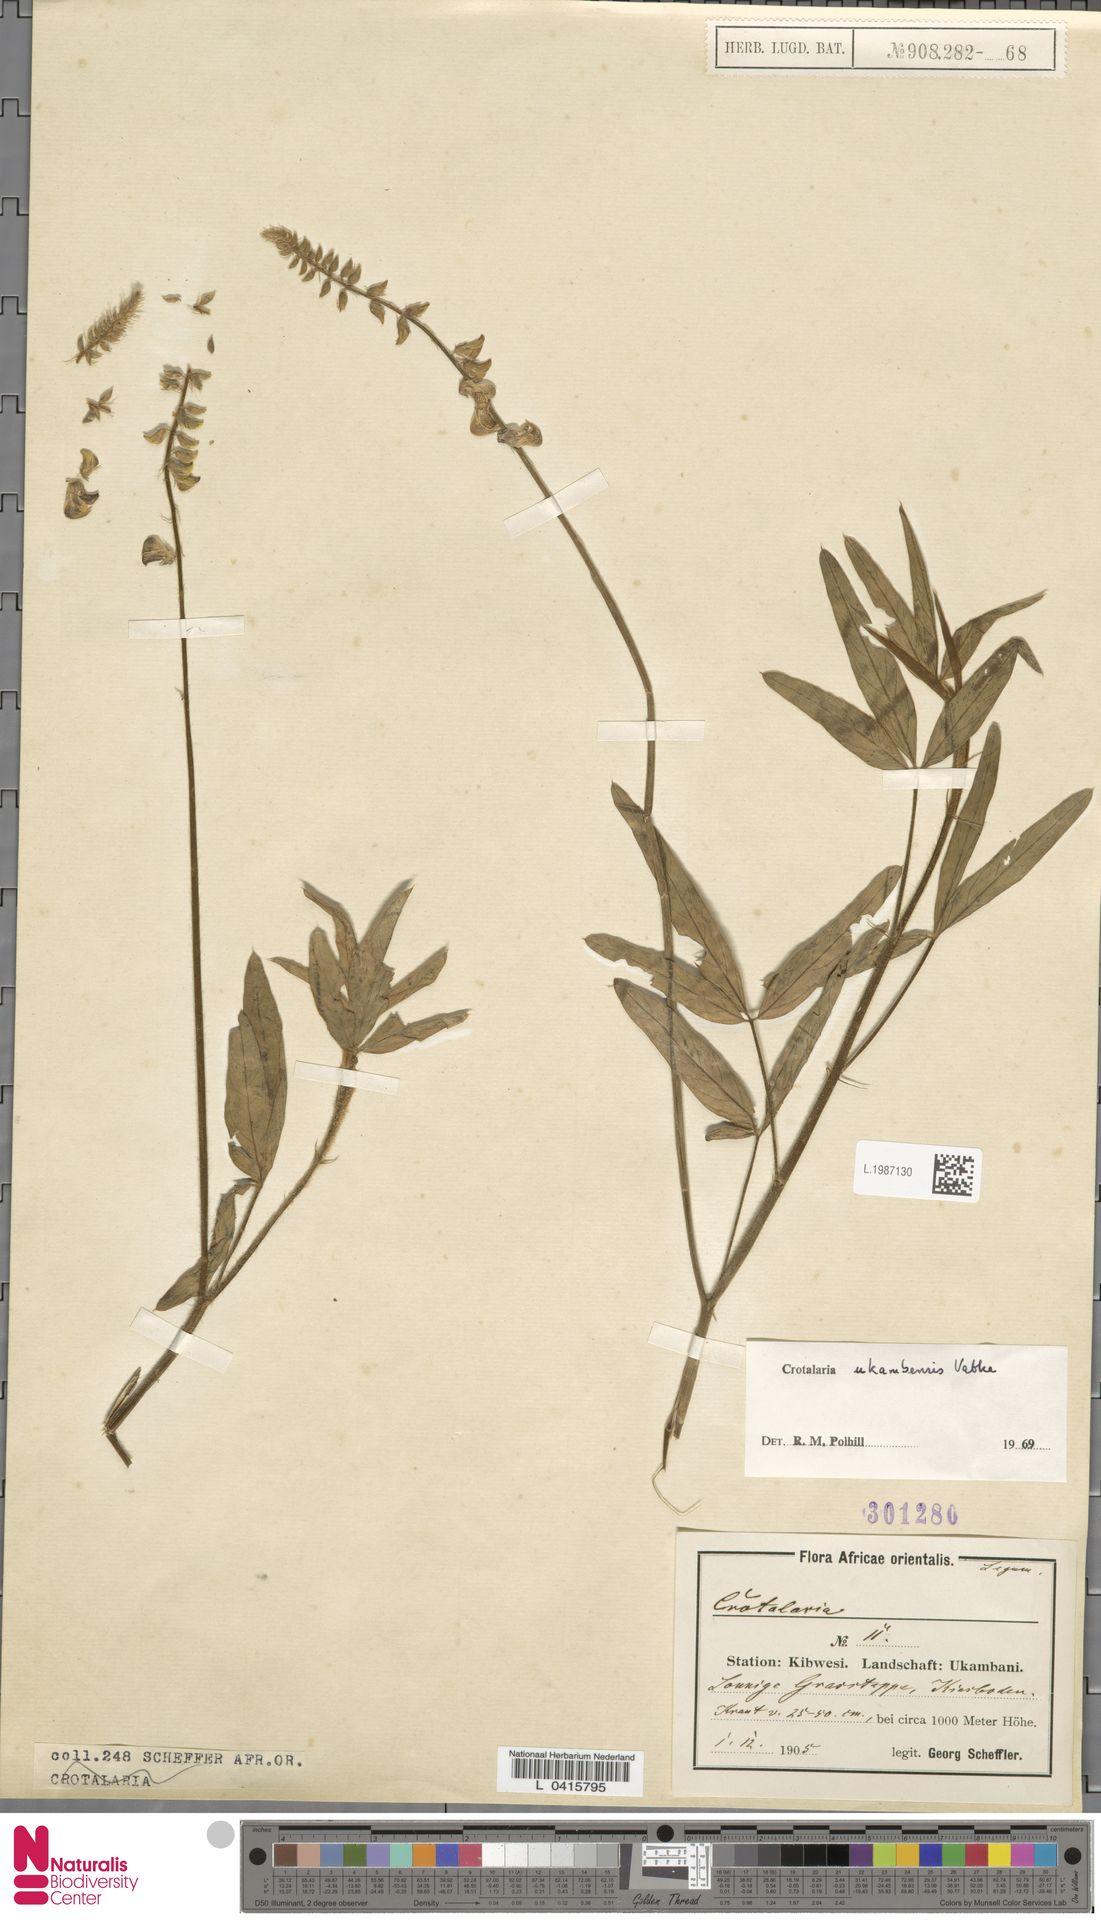 L.1987130 | Crotalaria ukambensis Vatke